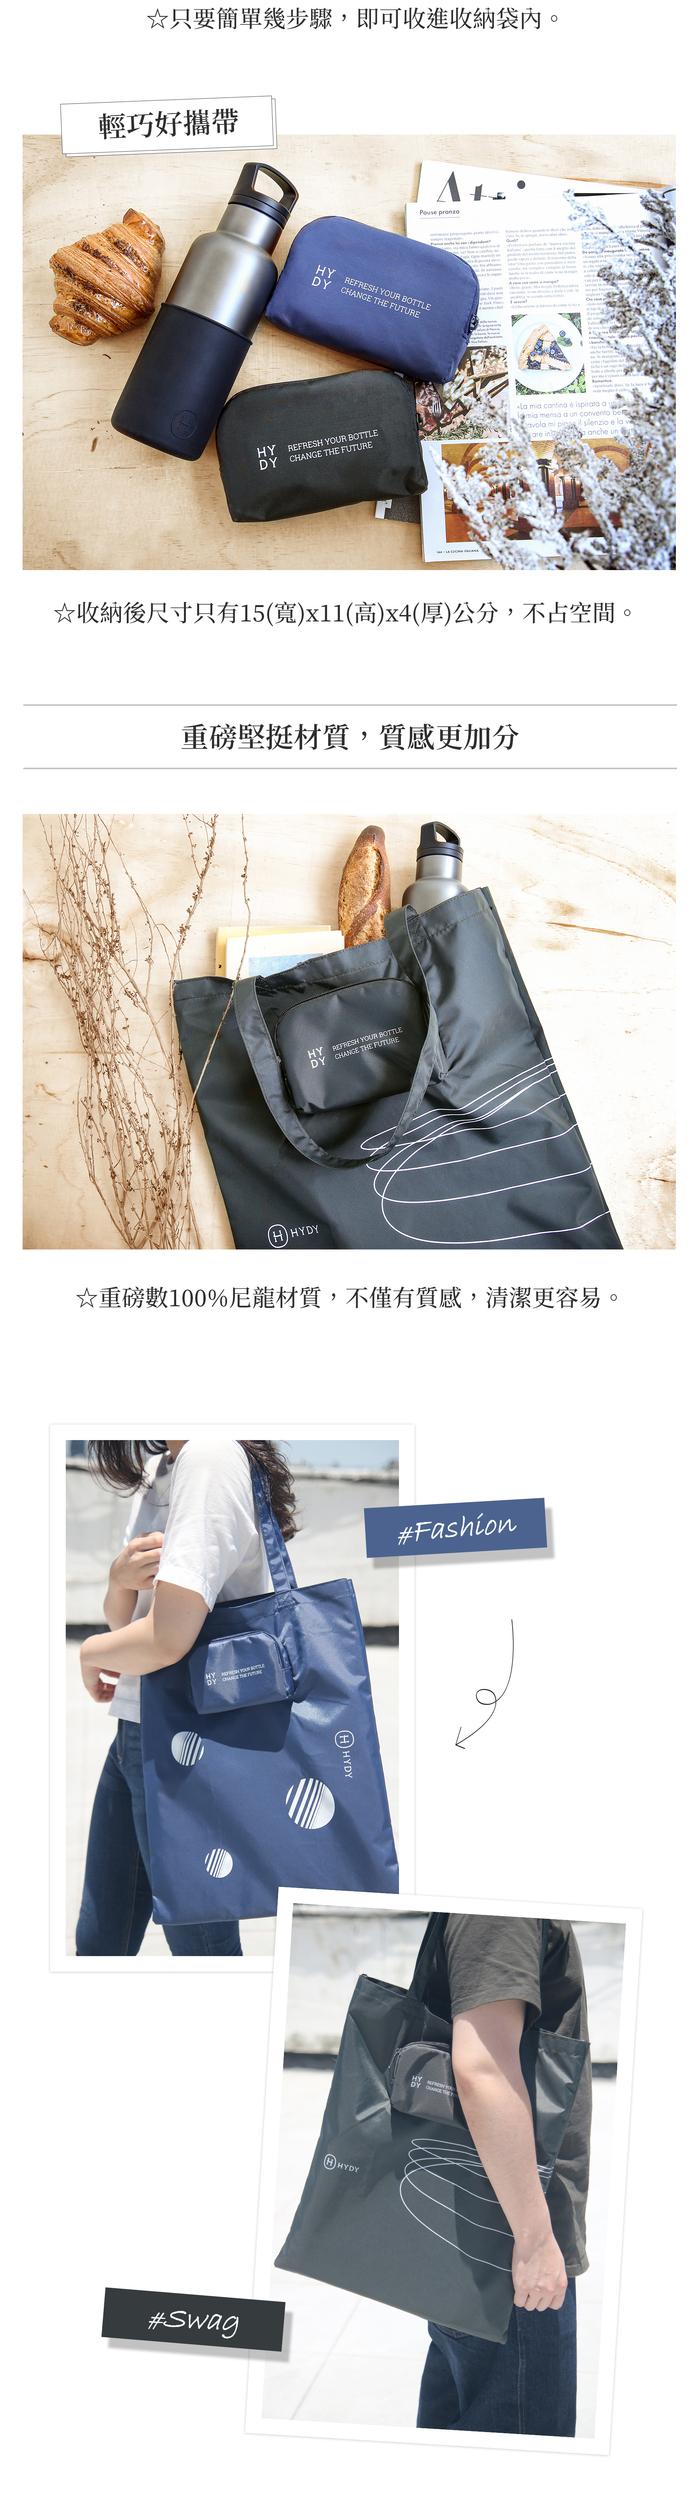 (複製)美國 HYDY 時尚環保購物袋┃普魯士藍